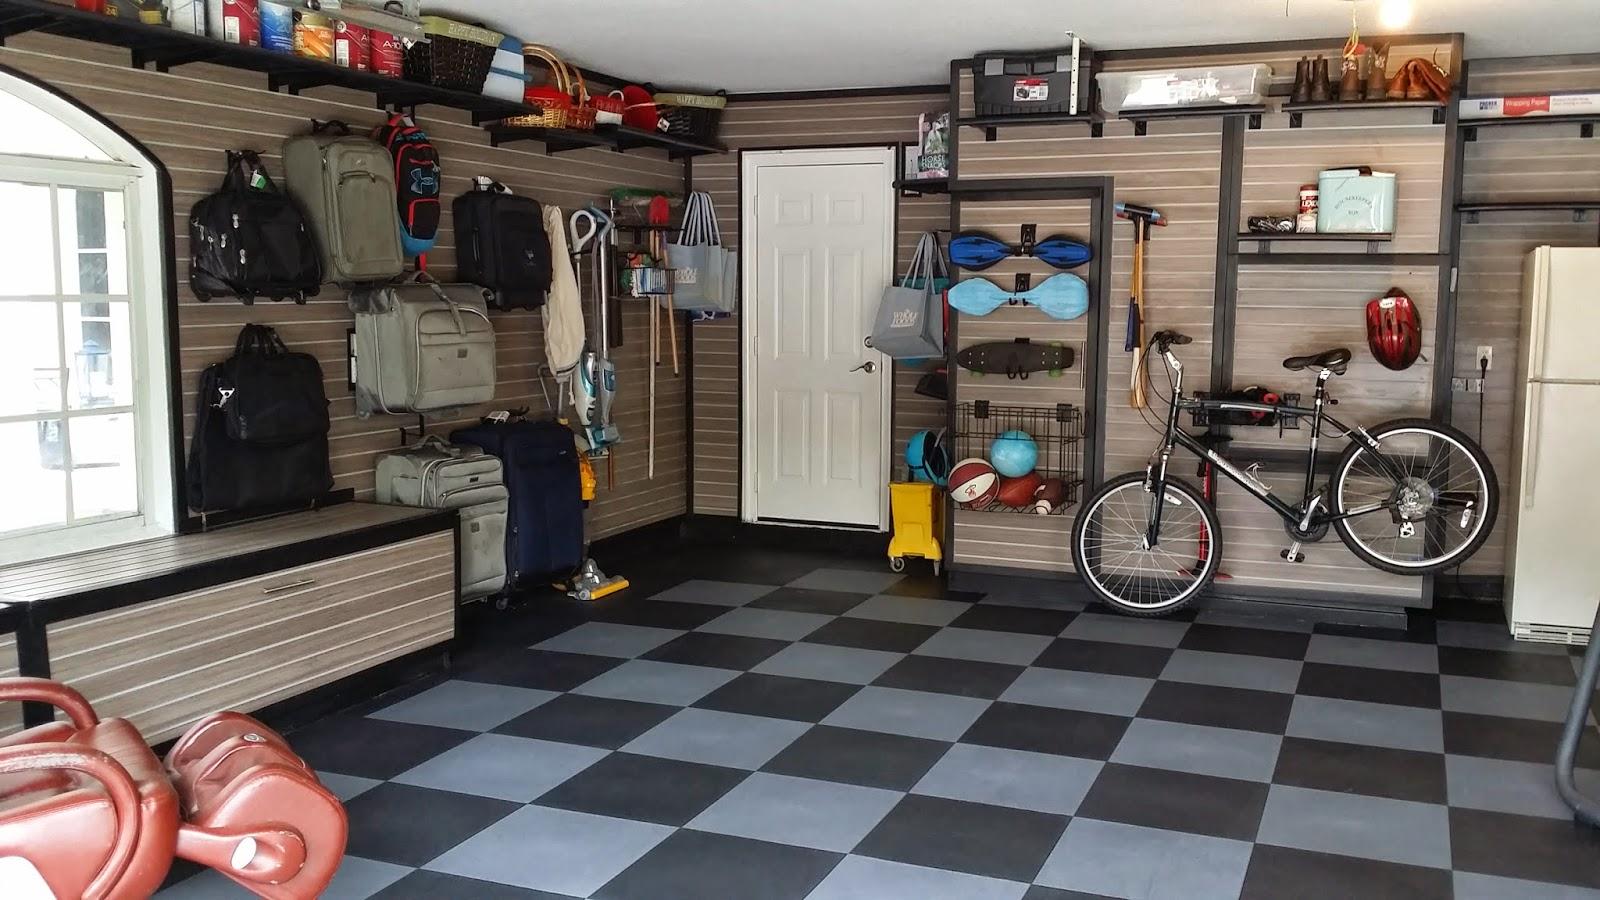 HouseWall Garage System | HouseWall Garage System on ways to organize a garage, remodel my garage, clean my garage, organizing my garage, super organize your garage,